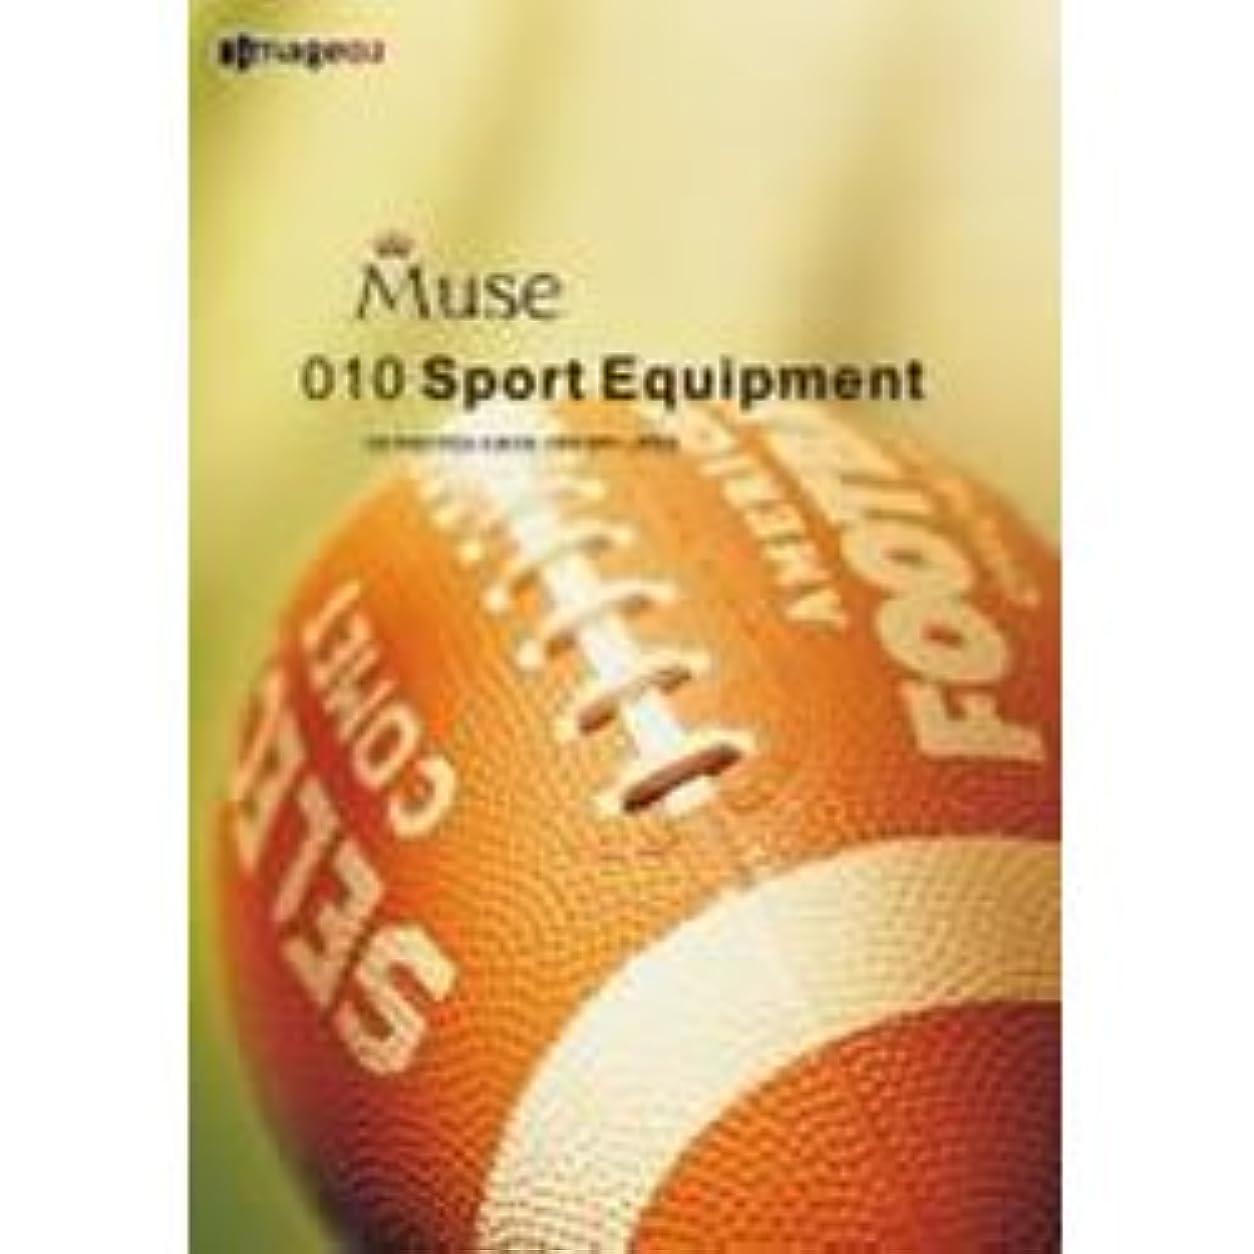 センター成功した等価ミューズ Vol.10 スポーツ用具